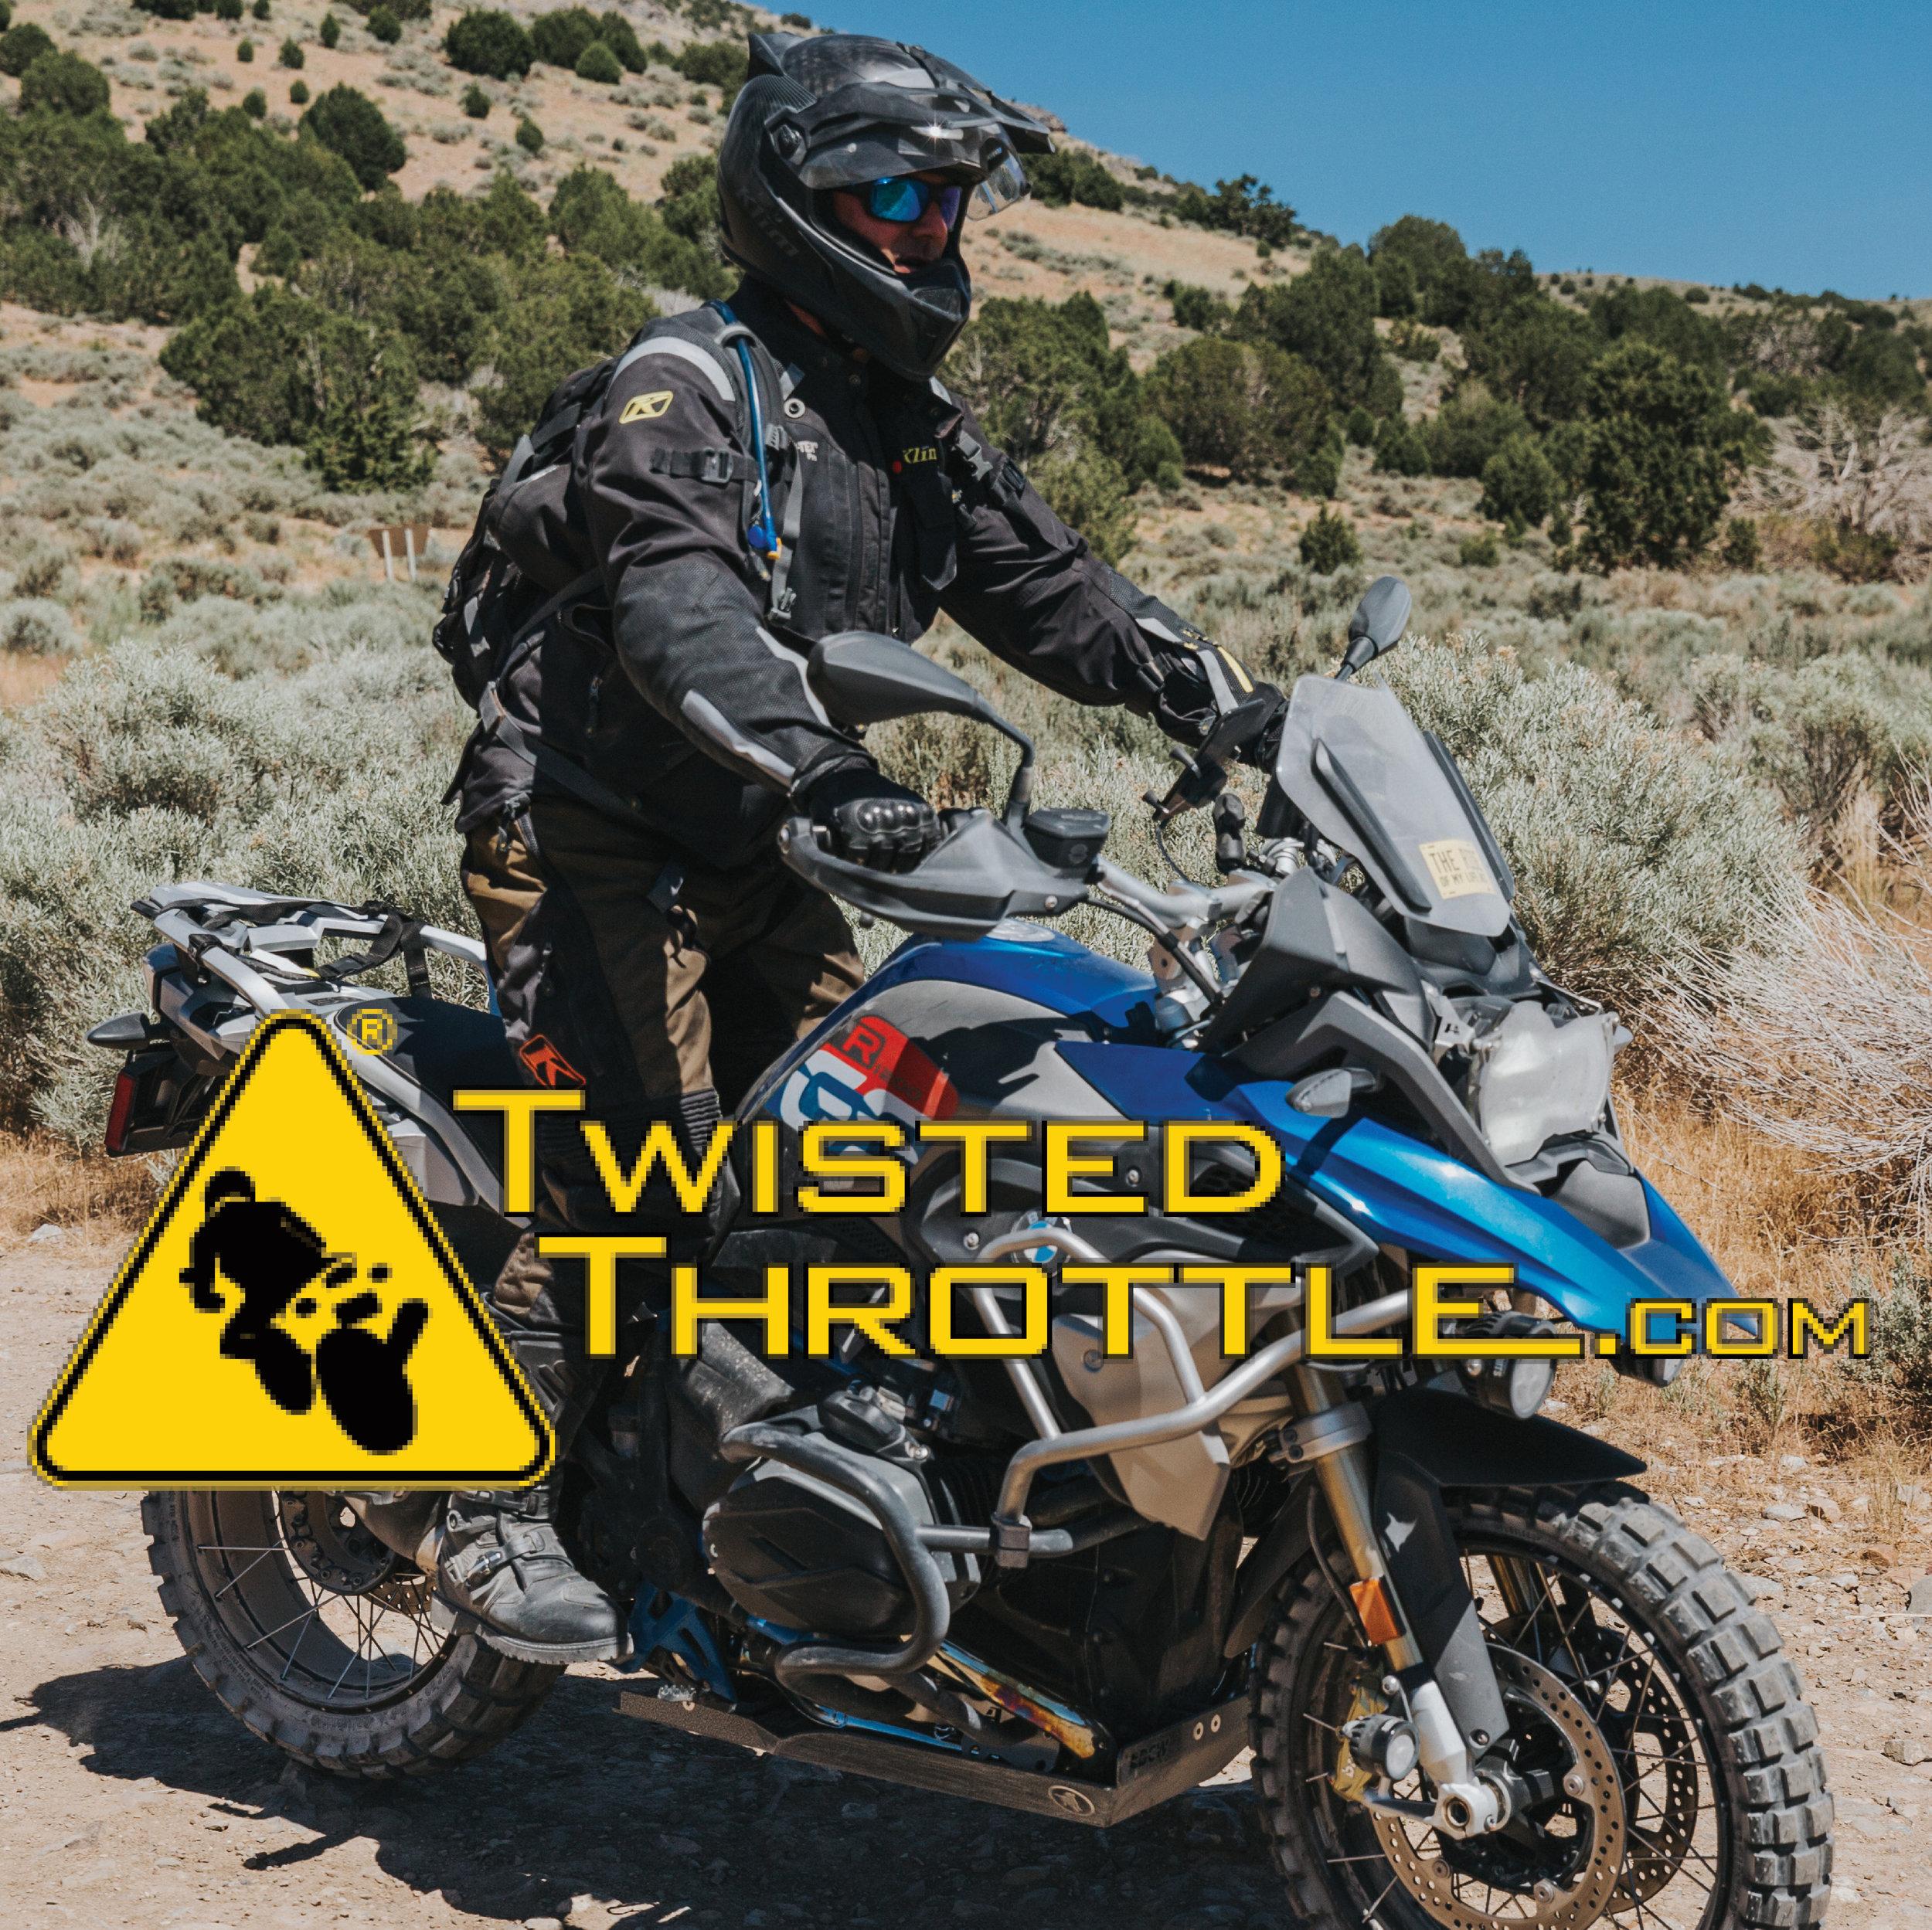 Twisted Throttle Web Sponsor.jpg